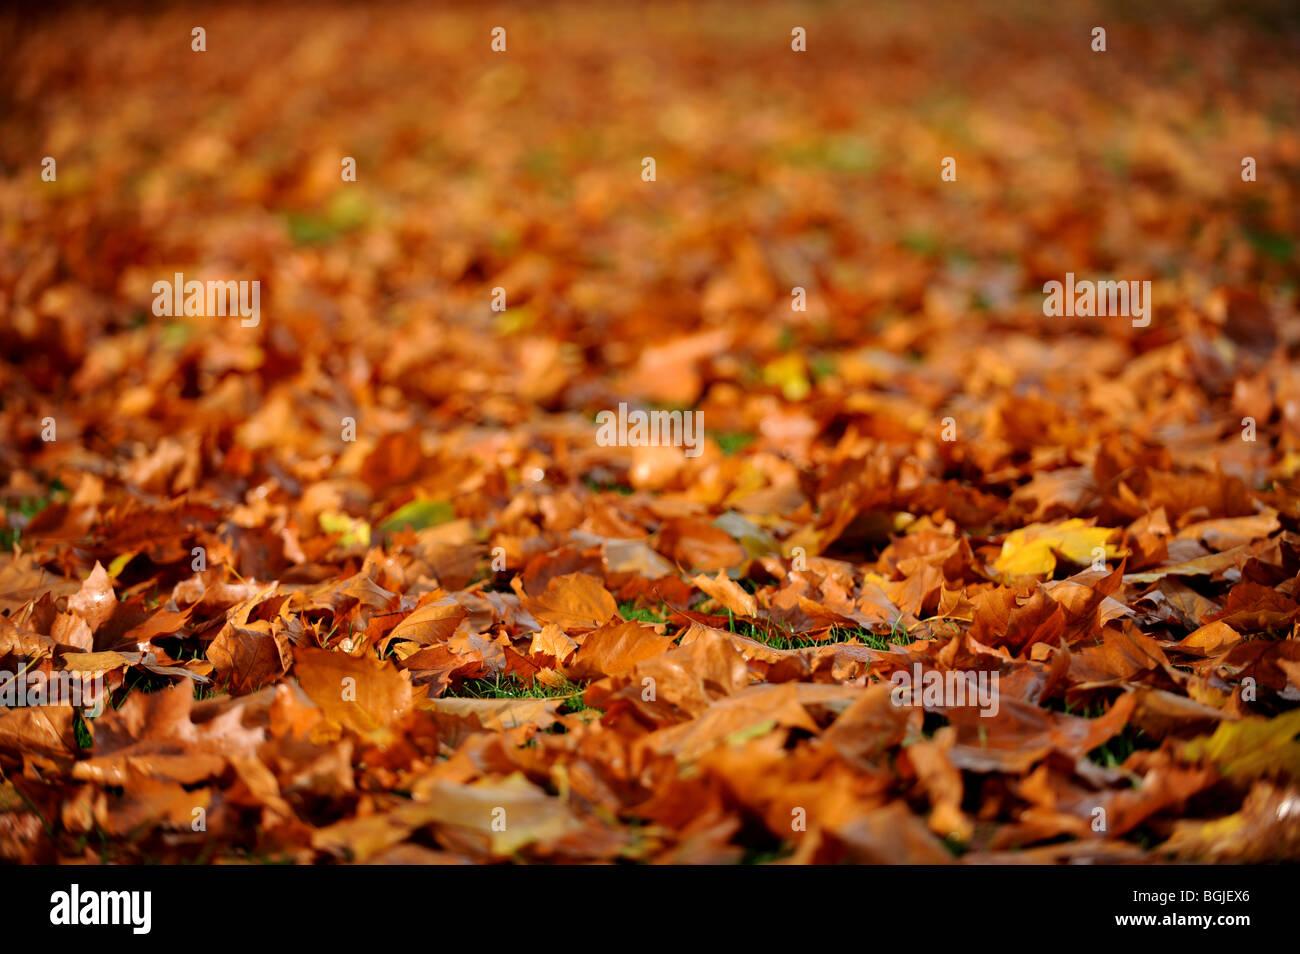 Hojas de otoño tenderse en el suelo Imagen De Stock